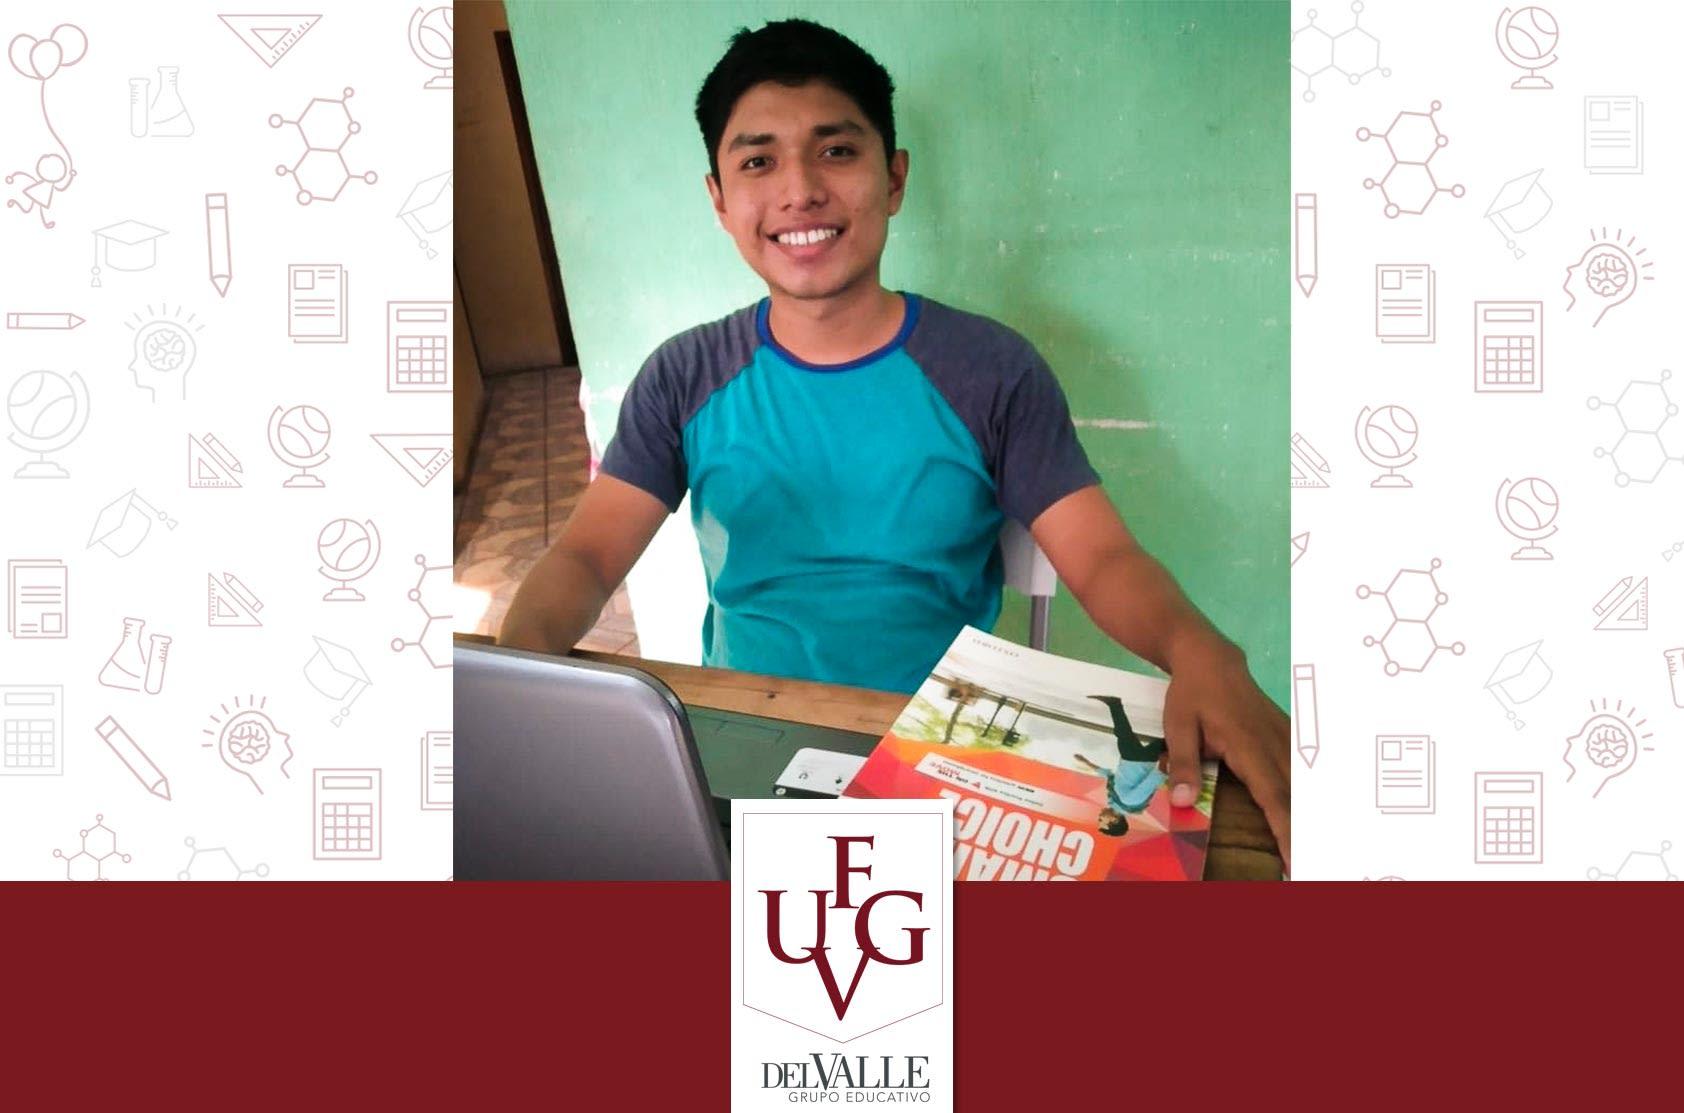 Ever Hernández y el sueño de desarrollarse profesionalmente para ayudar a otros